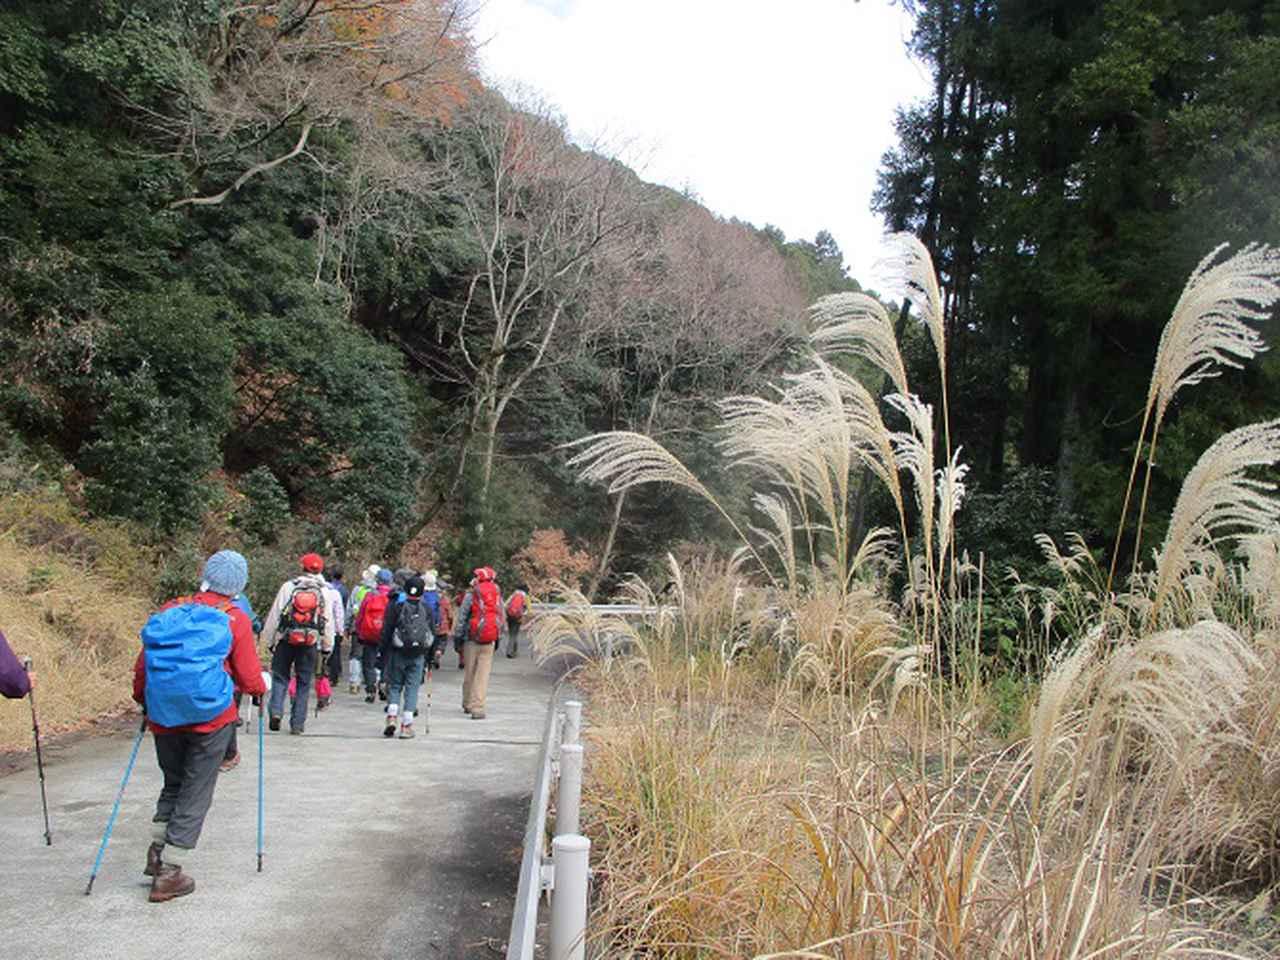 画像10: 12月23日に山旅会 鐘ヶ岳 の2回目のツアーに行ってきました!